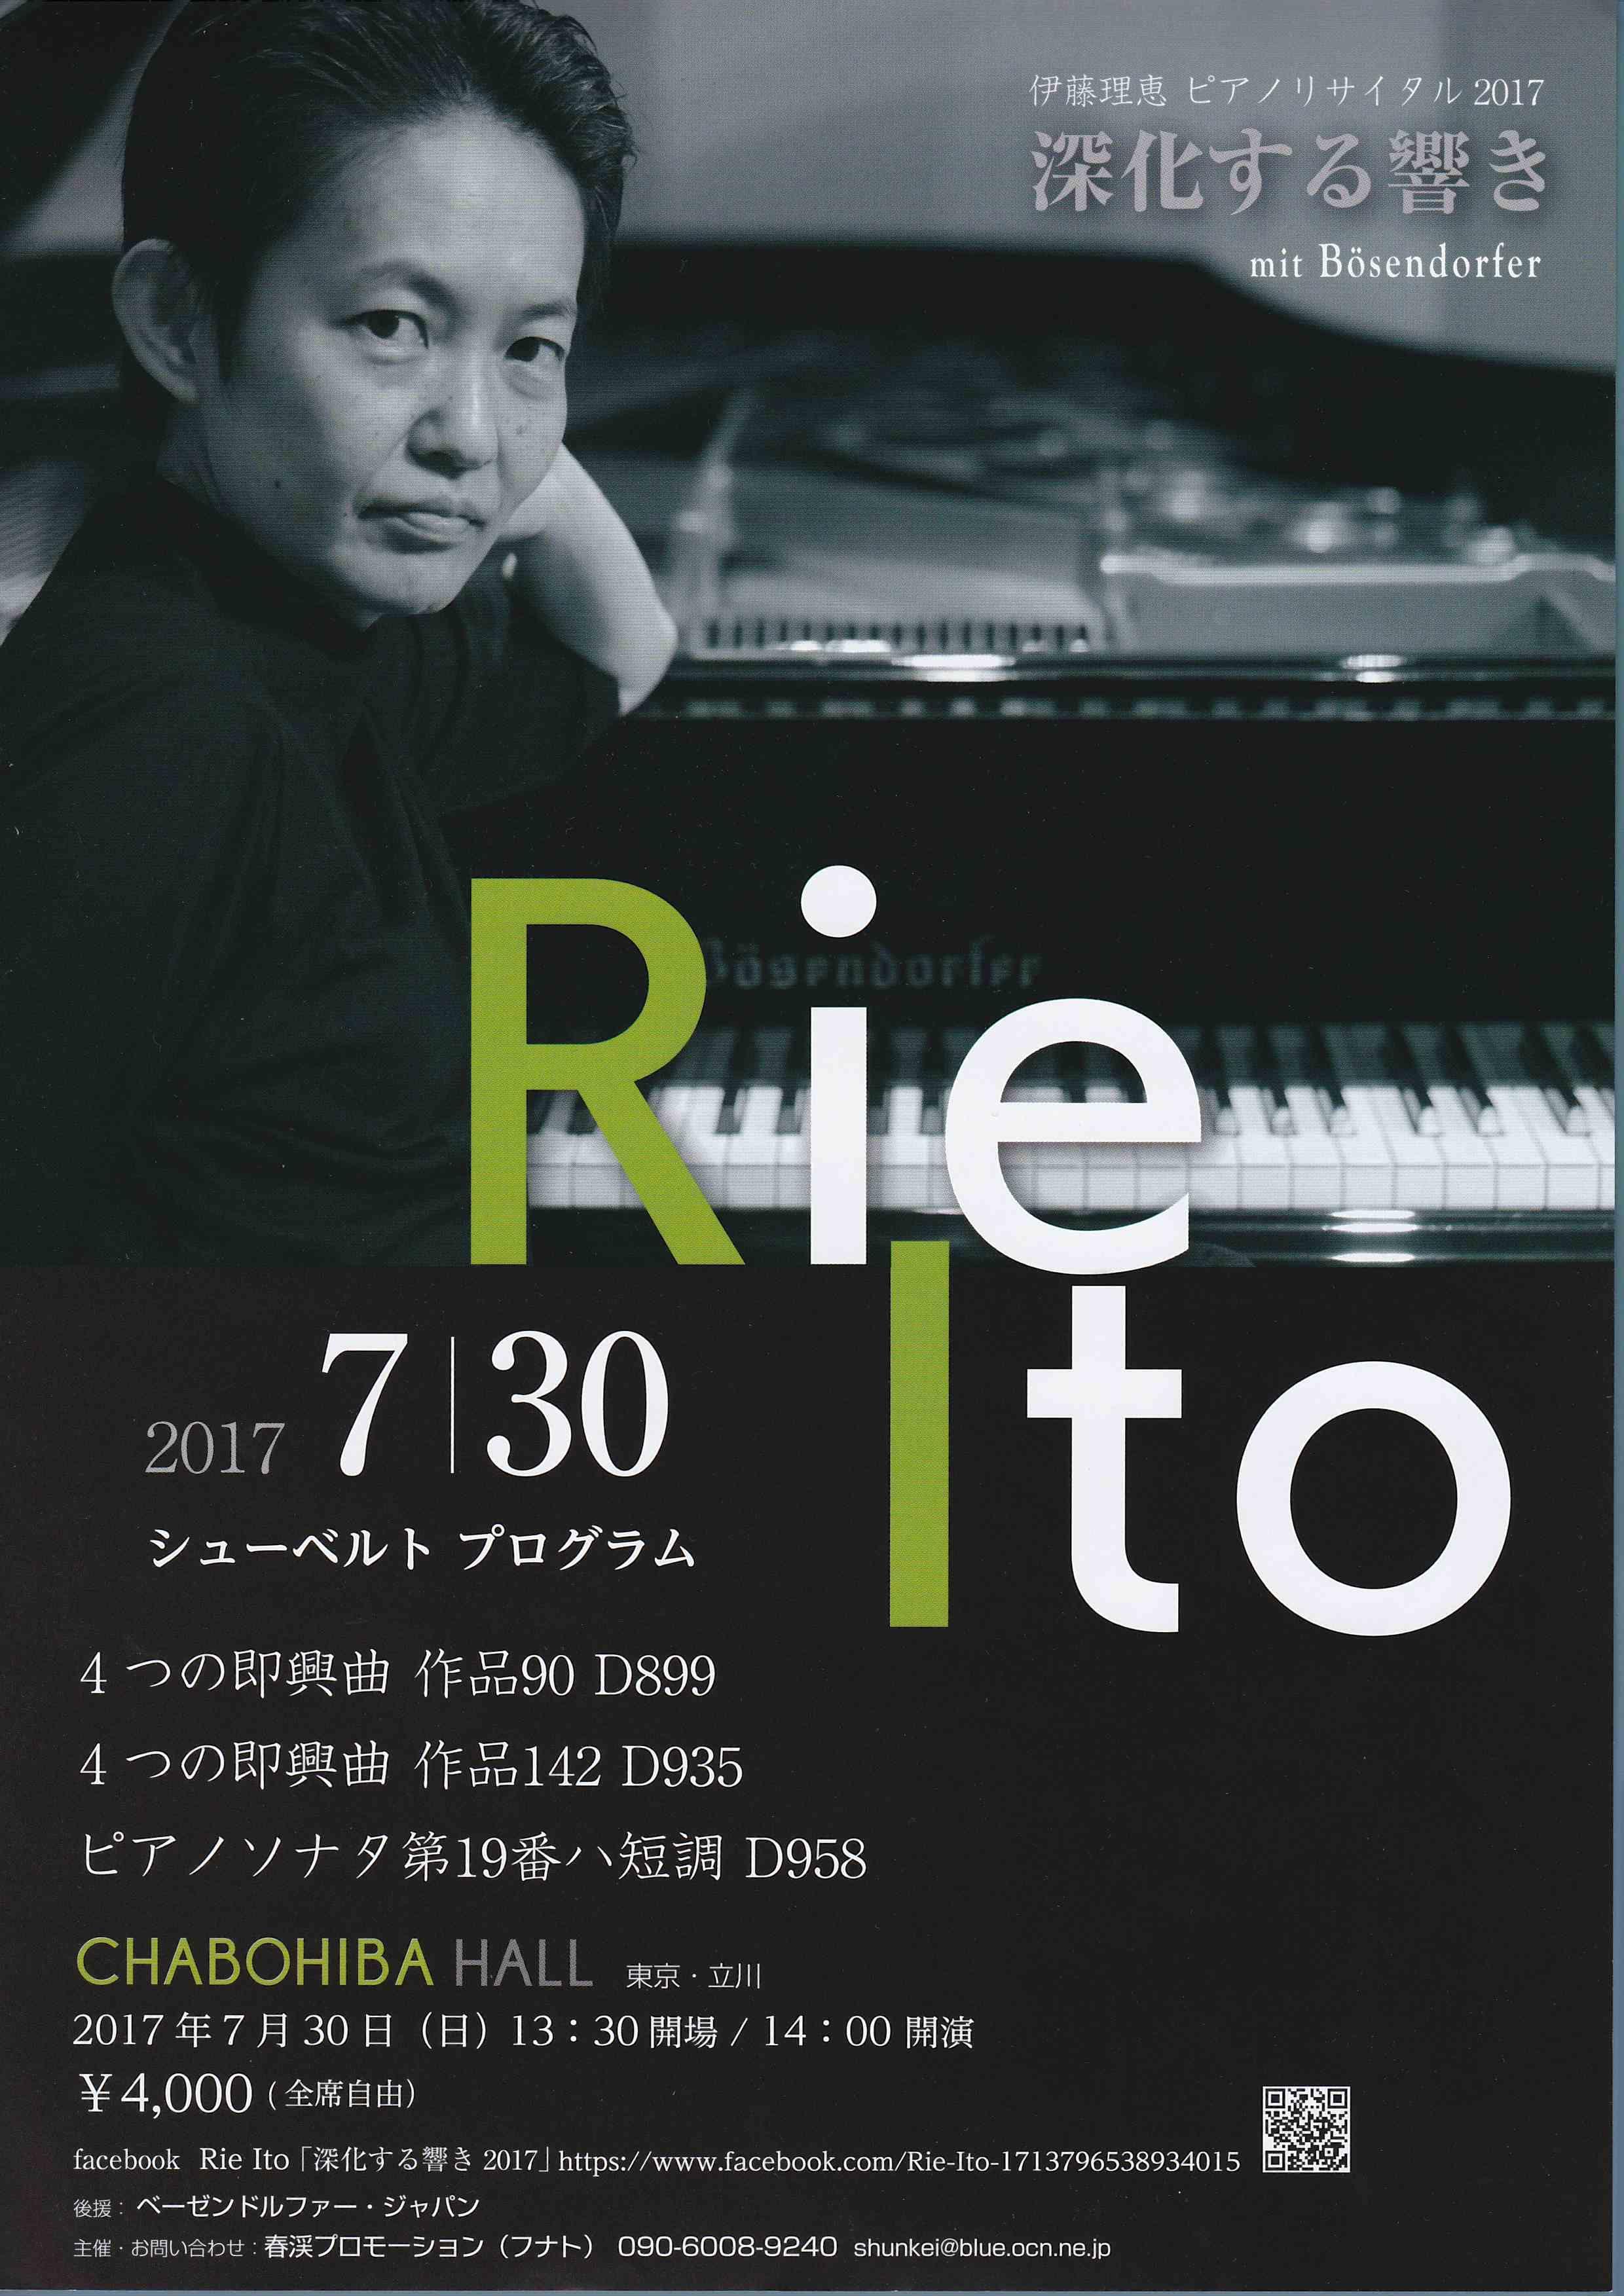 深化する響き〜伊藤理恵ピアノリサイタル2017 第2回シューベルトプログラム